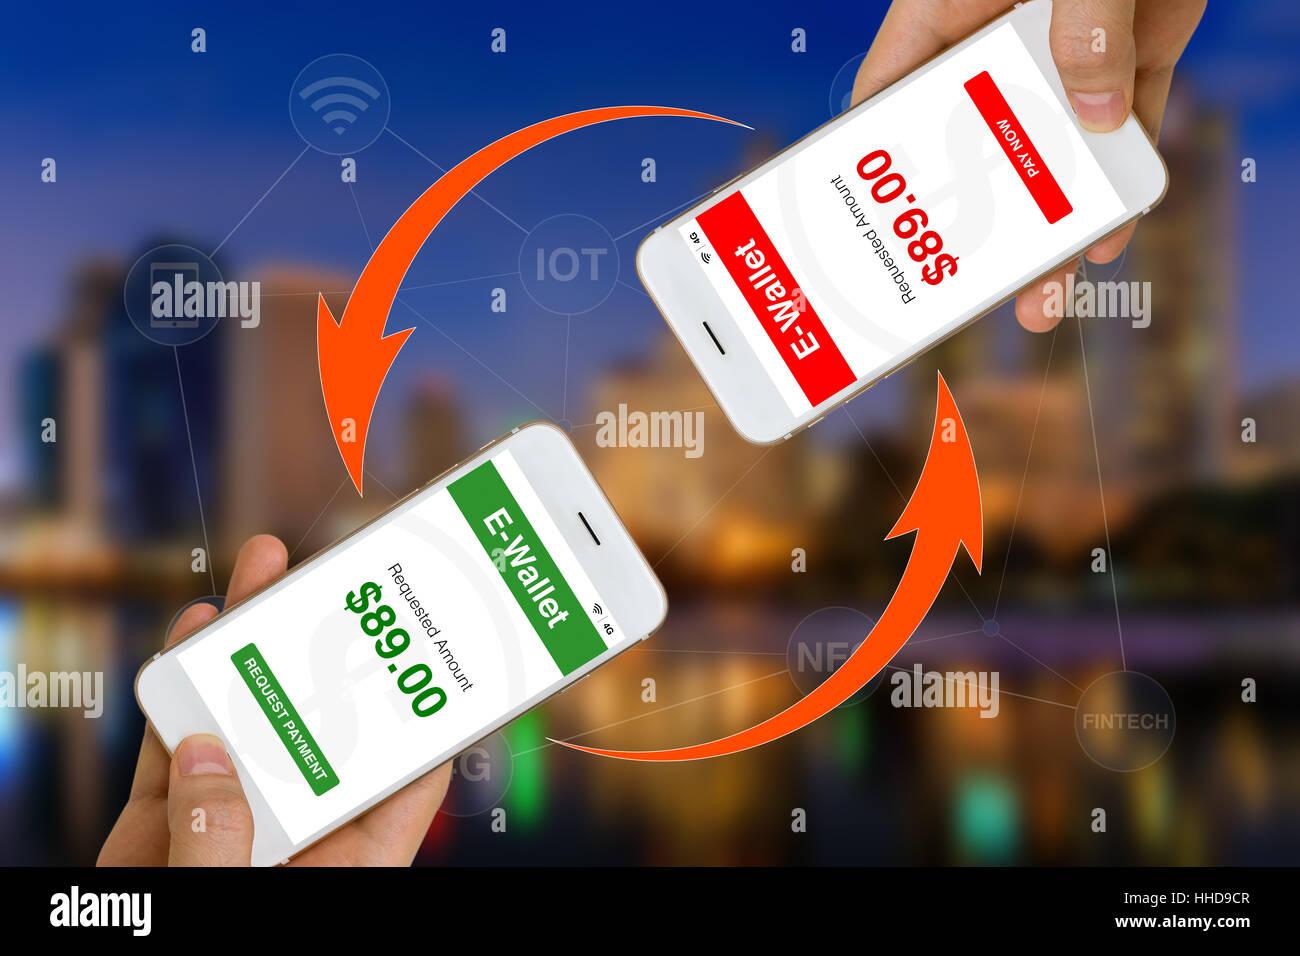 Concept de classement Fintech ou financière à l'aide de la technologie smartphone et e-wallet application pour transférer de l'argent d'effectuer le paiement. Banque D'Images